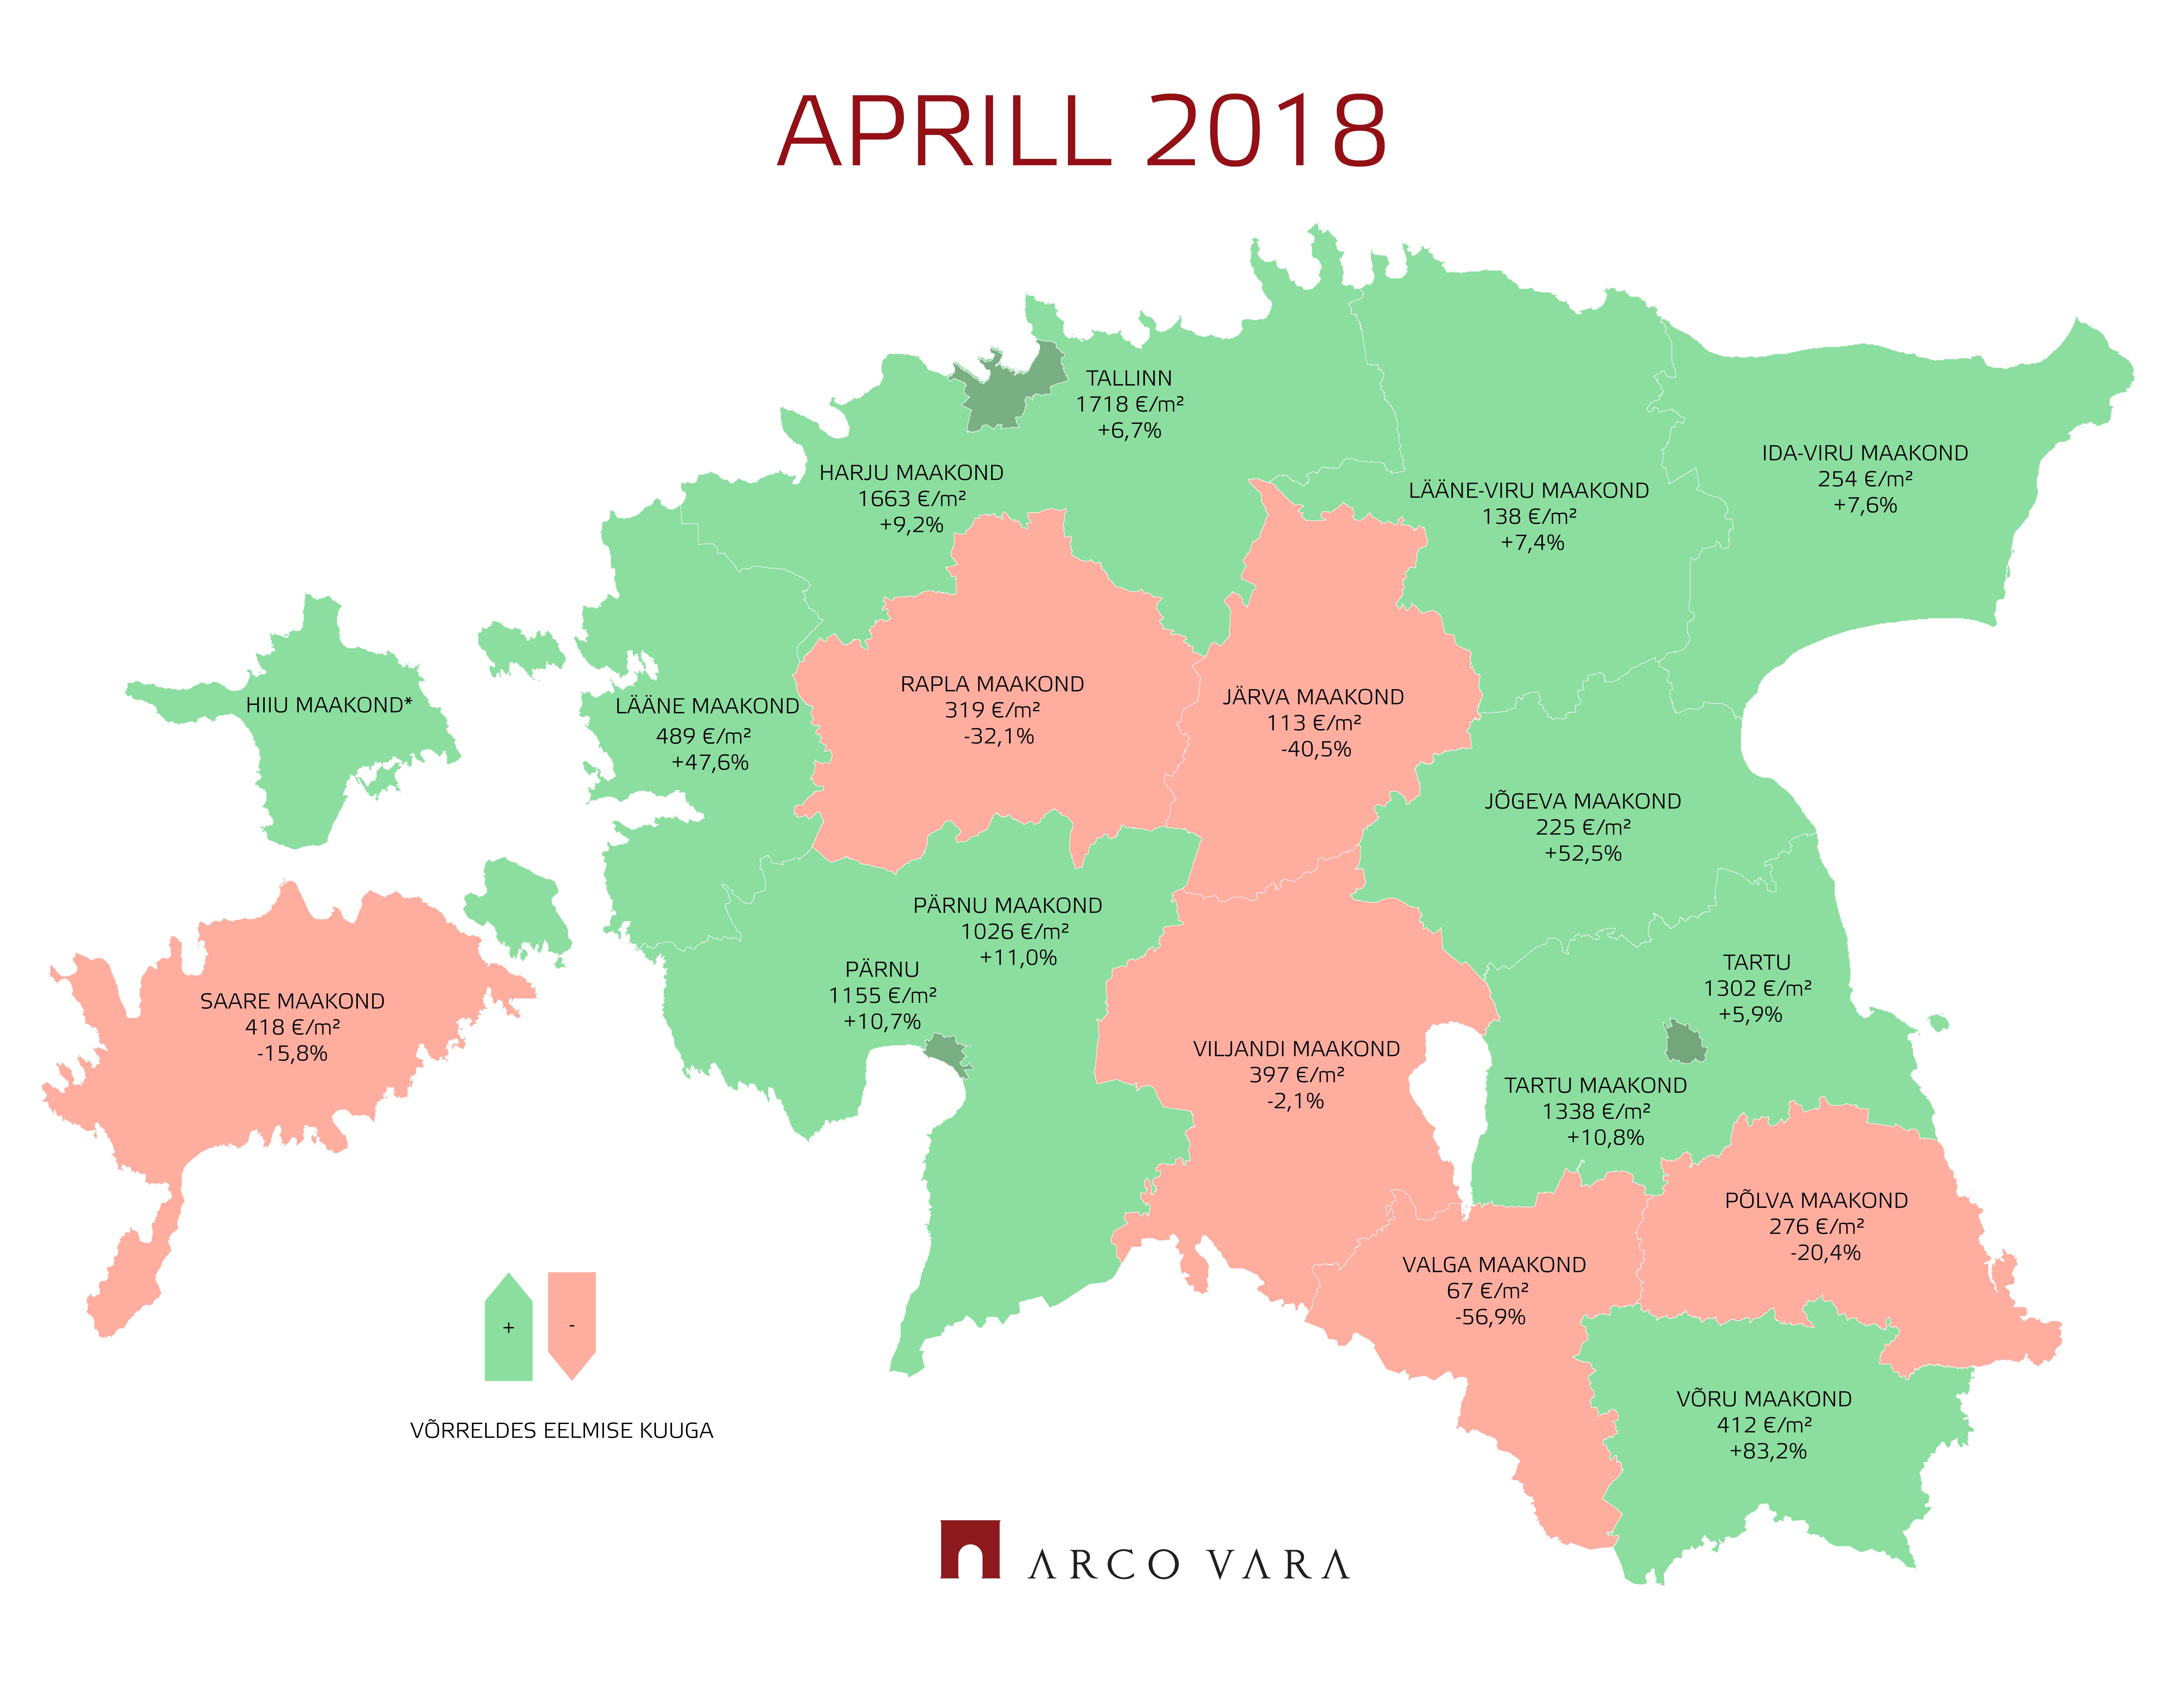 180510 Eesti kinnisvaraturu aprillikuu lühiülevaade 4